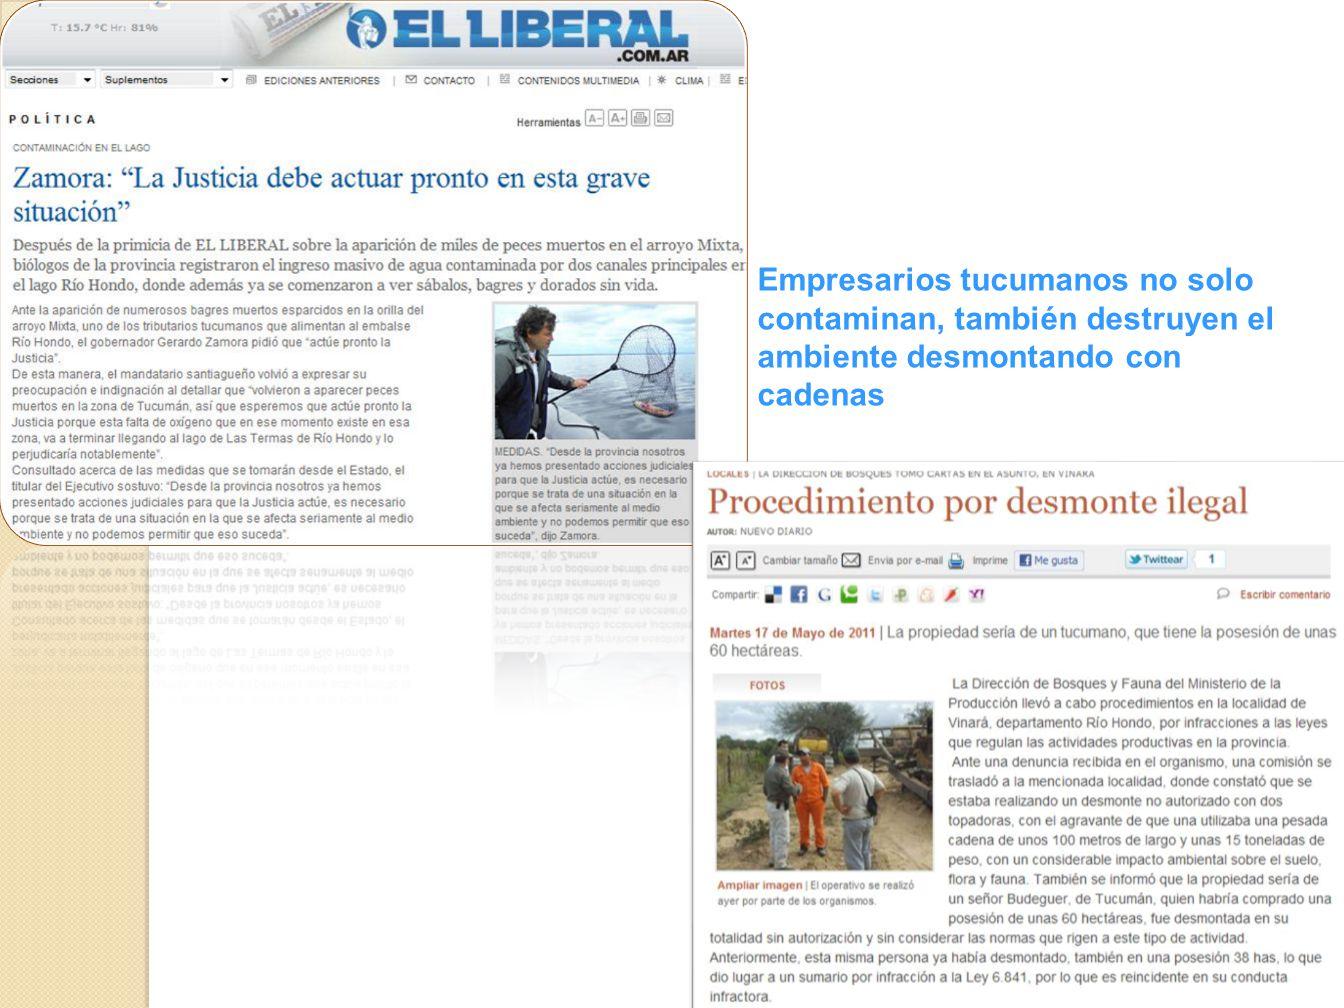 Empresarios tucumanos no solo contaminan, también destruyen el ambiente desmontando con cadenas